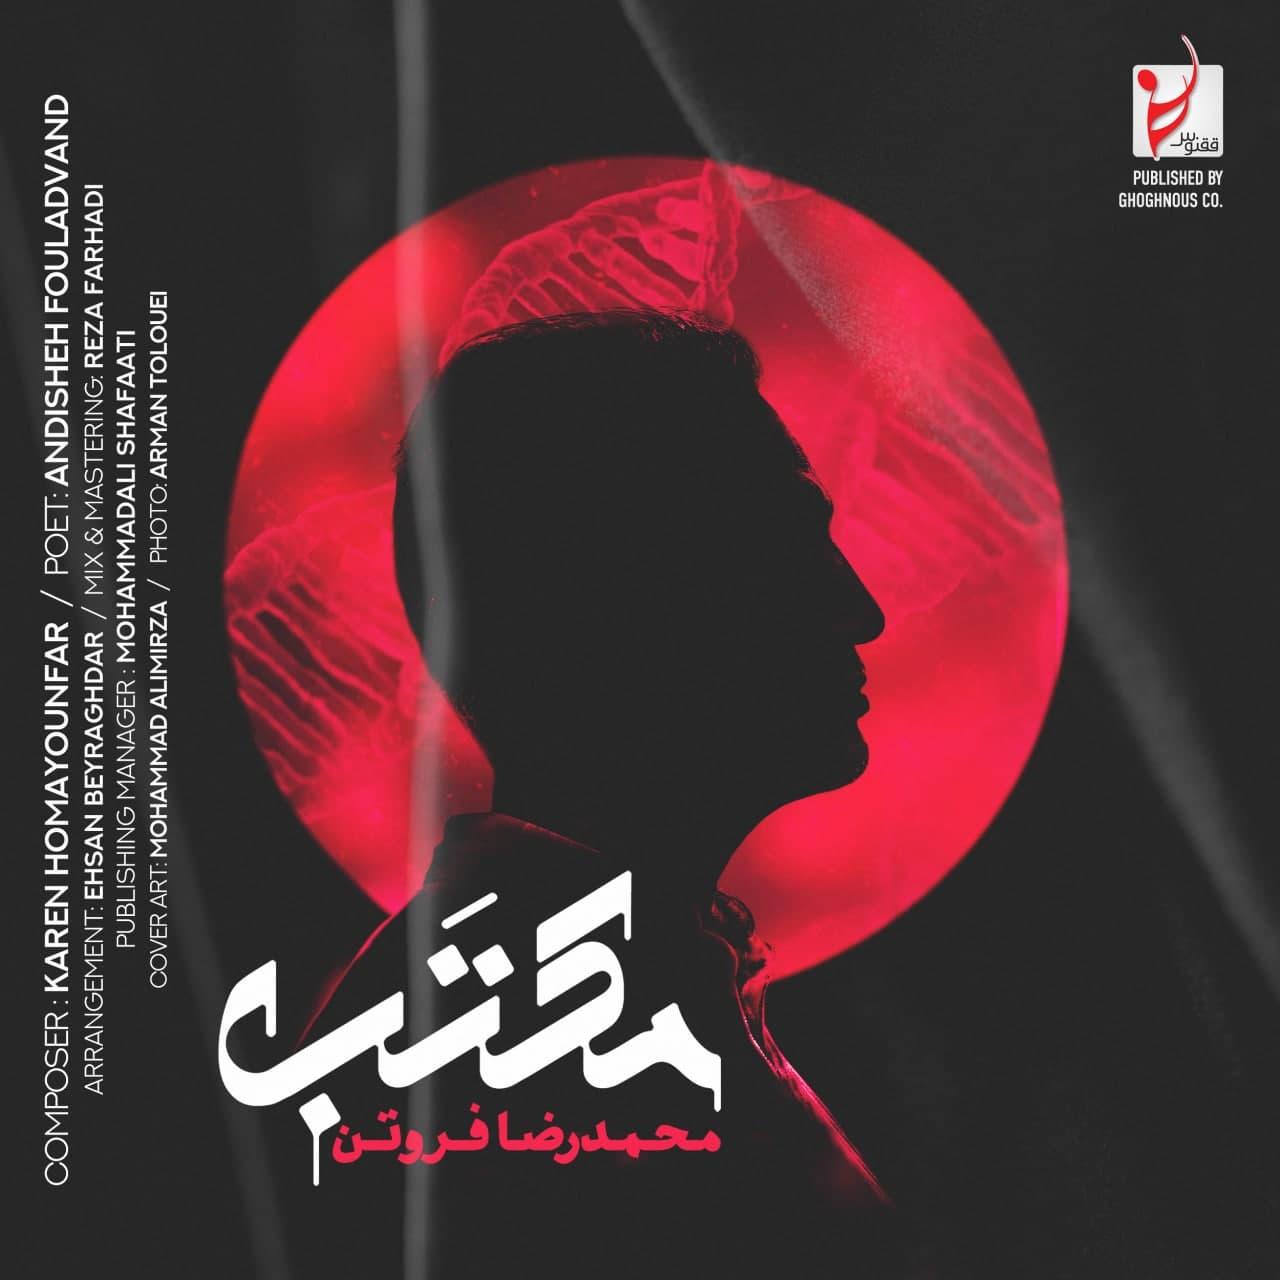 دانلود موزیک جدید مکتب از محمدرضا فروتن